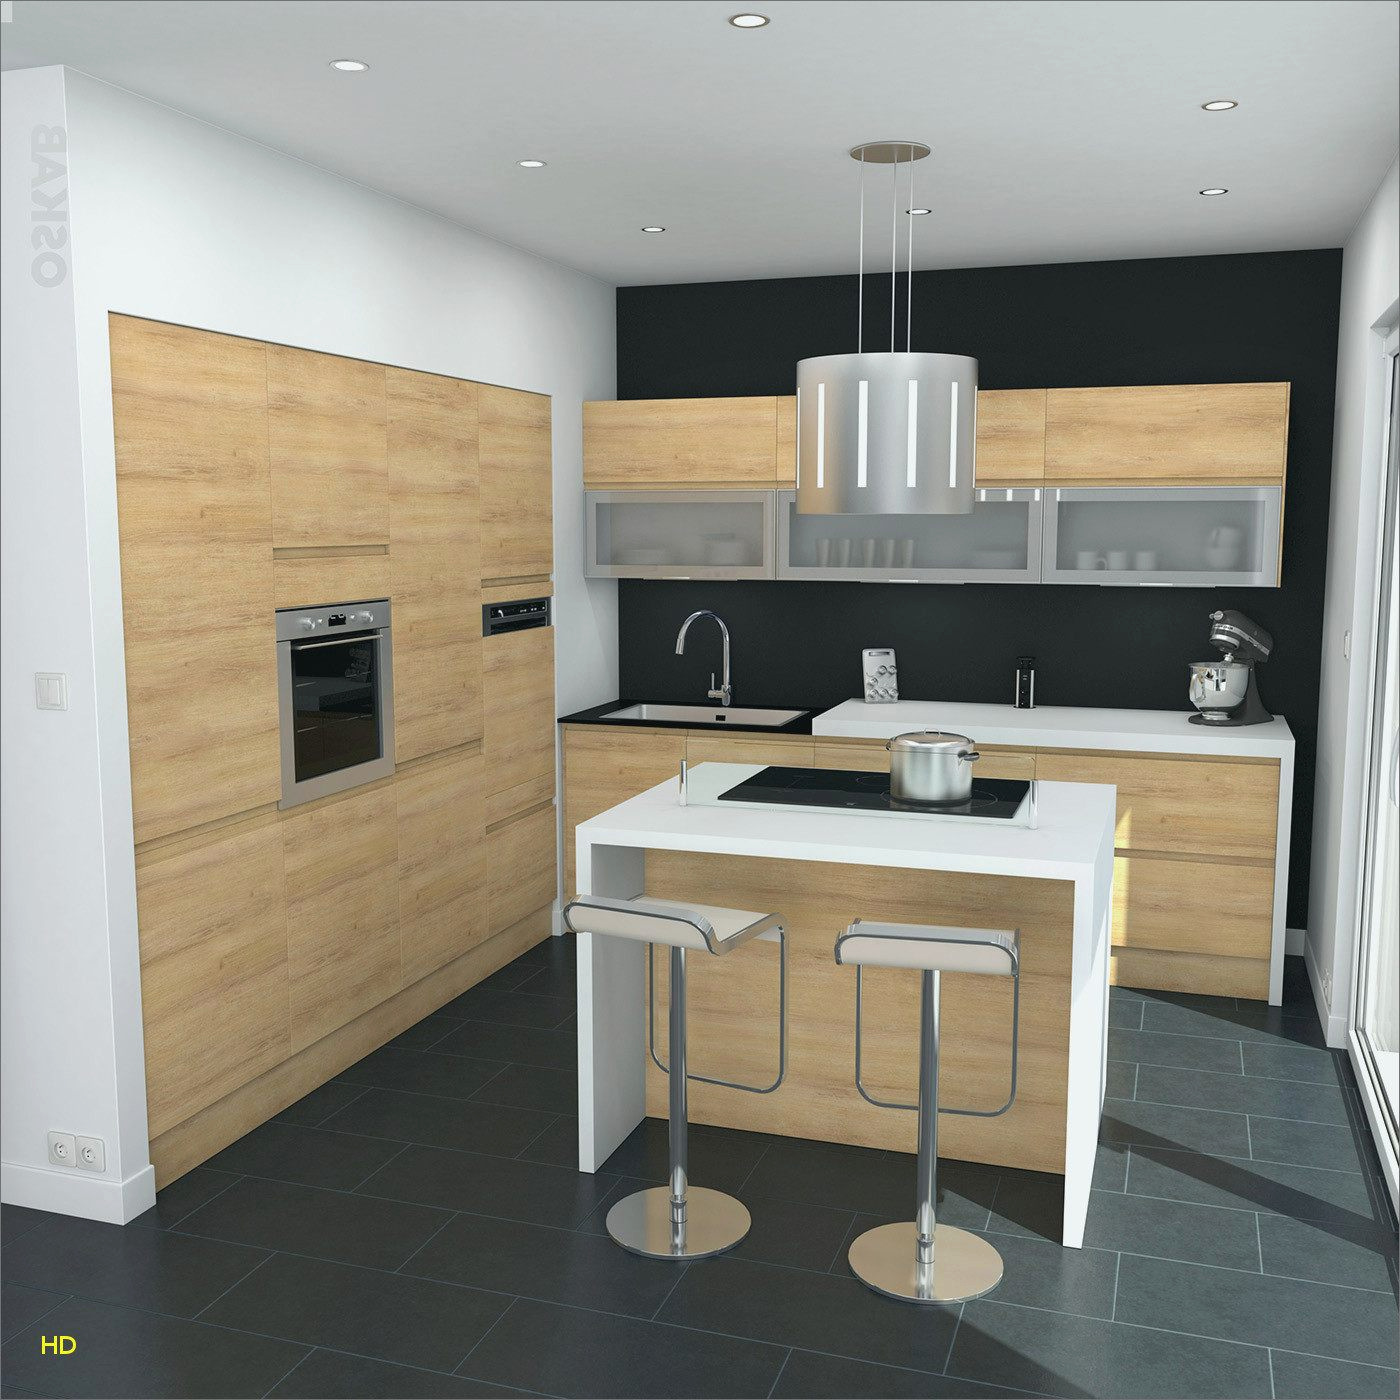 element de cuisine but luxe meuble but cuisine elegant meuble magasin magasin meubles la of element de cuisine but